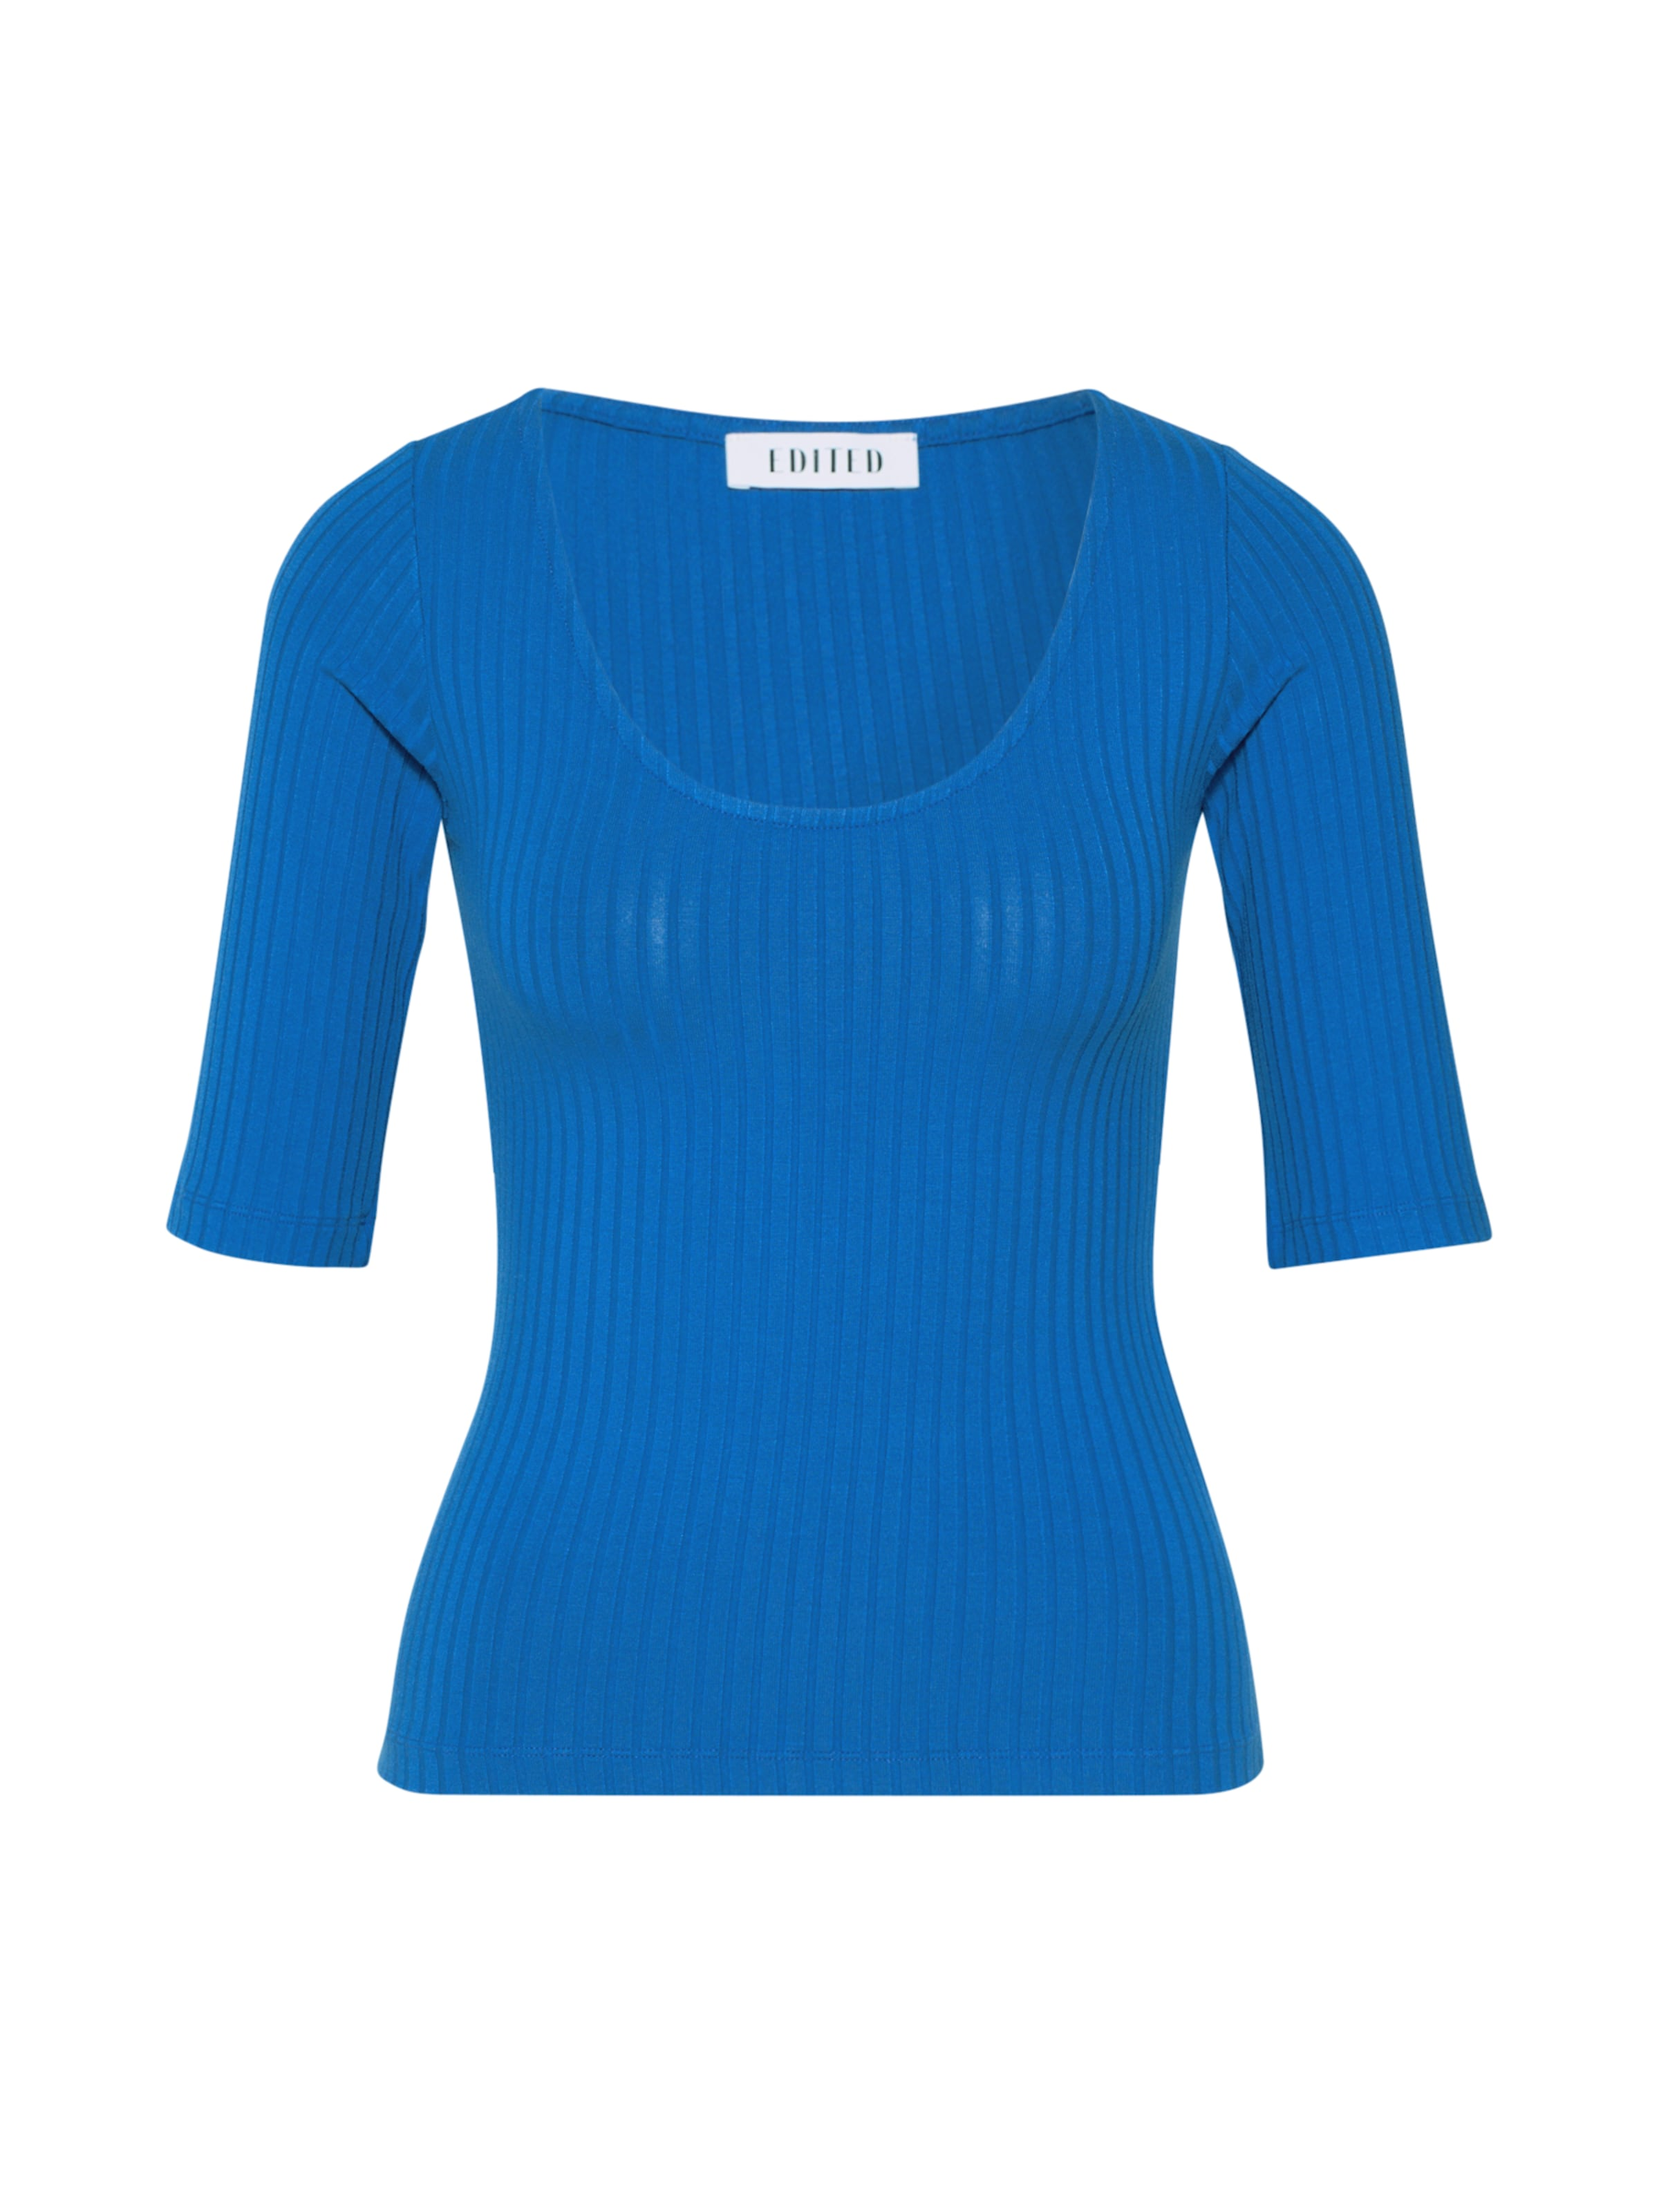 EDITED Póló 'Fray' kék színben